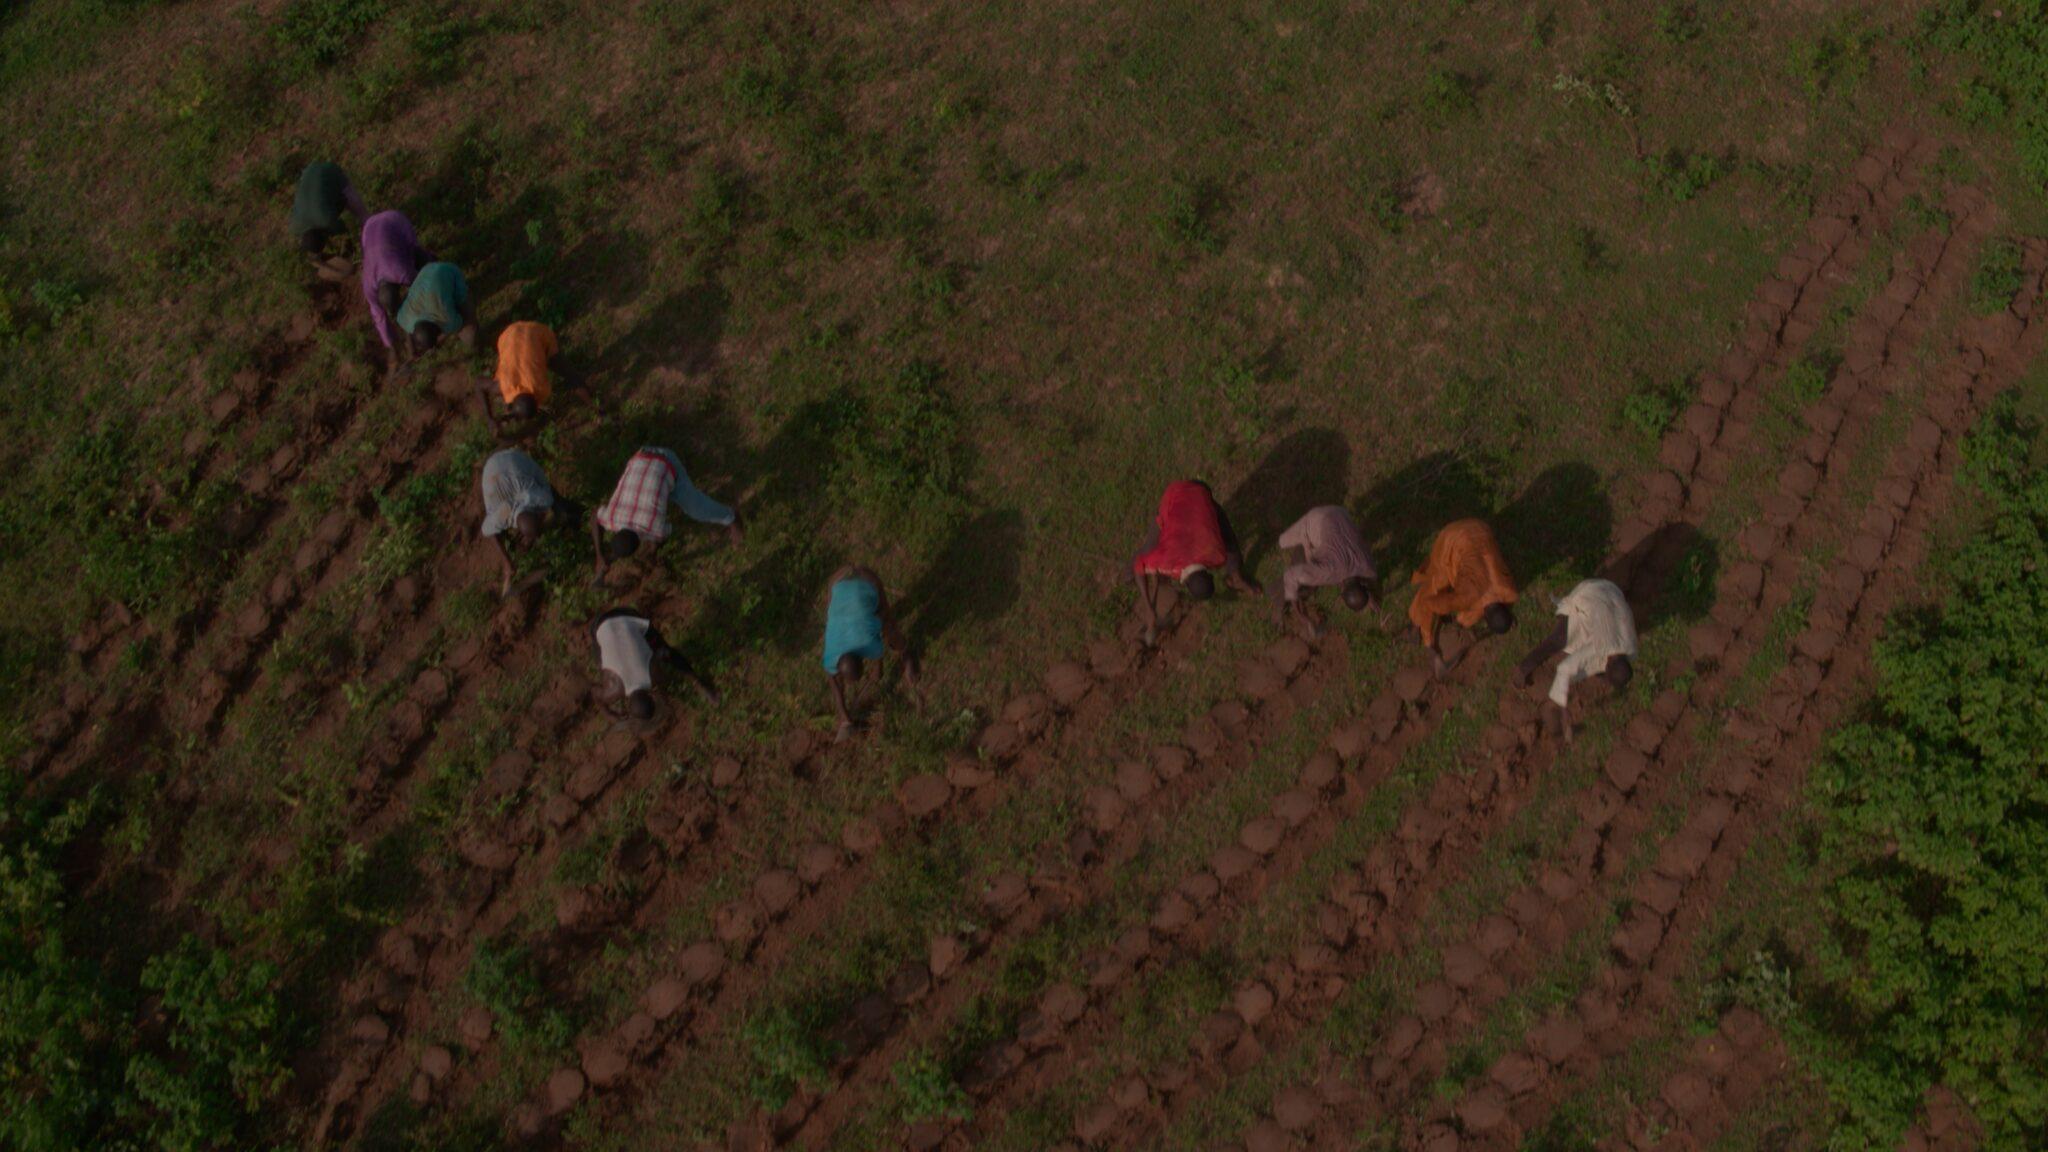 Ein paar afrikanische Bauern pflanzen in bunten Shirts mehrere Reihen neuer Bäume. Bei der Szene aus The Great Green Wall handelt es sich um eine Drohnenaufnahme.